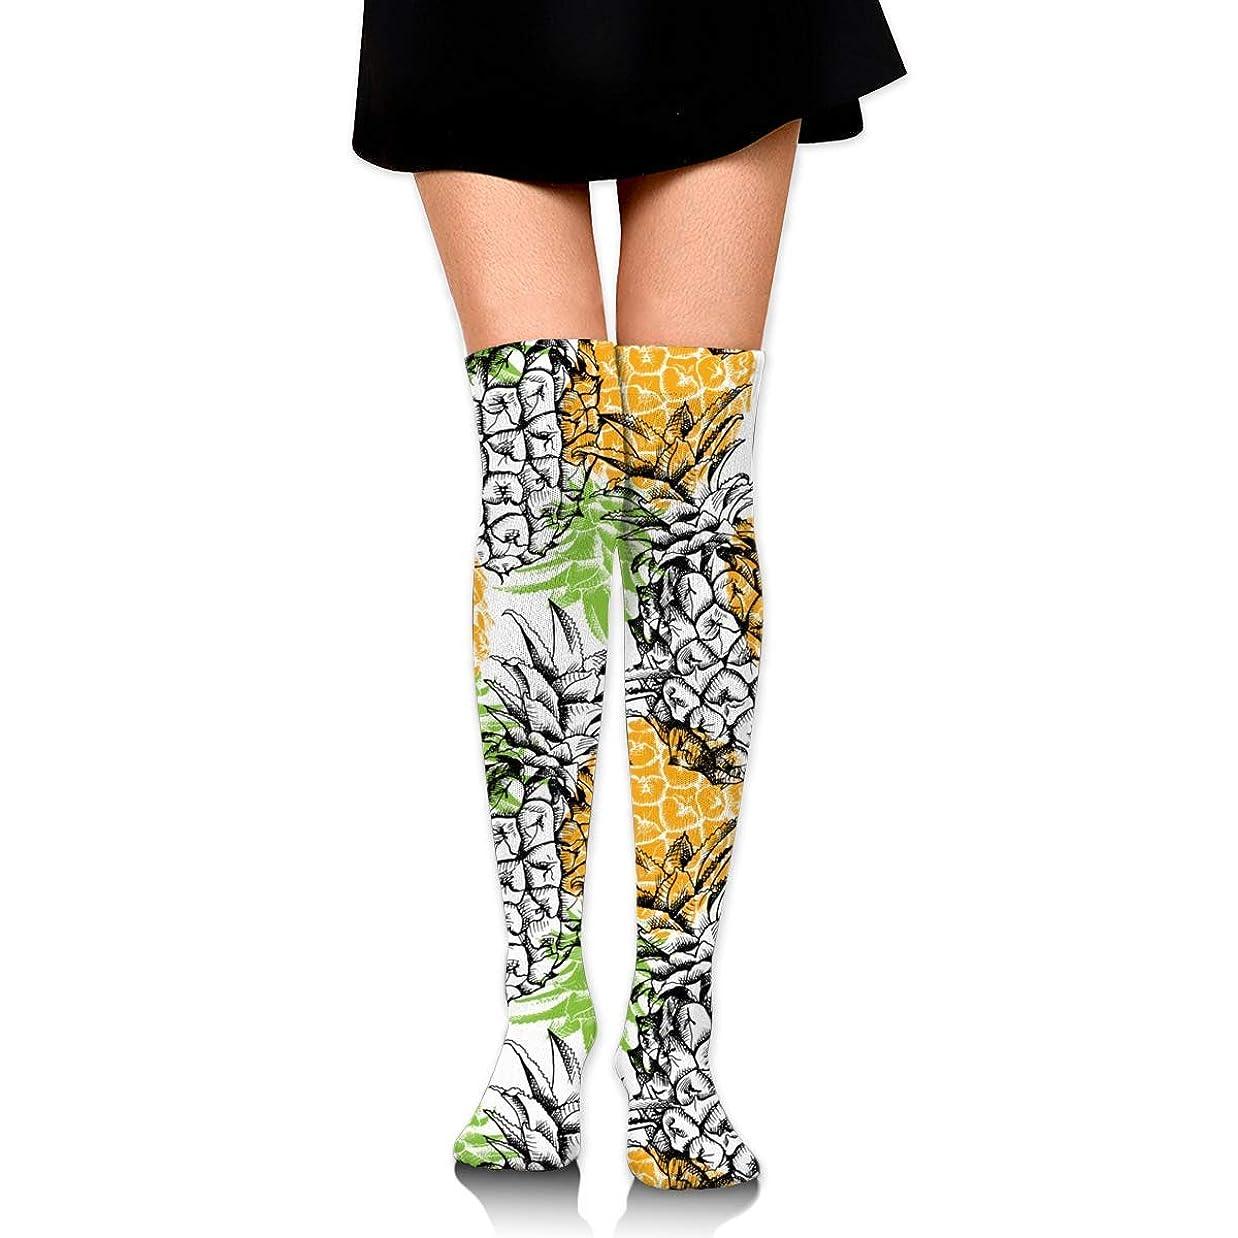 ふりをする氷看板MKLOS 通気性 圧縮ソックス Breathable Extra Long Cotton Mid Thigh High Yellow Pineapple Exotic Psychedelic Print Compression High Tube Thigh Boot Stockings Knee High Women Girl